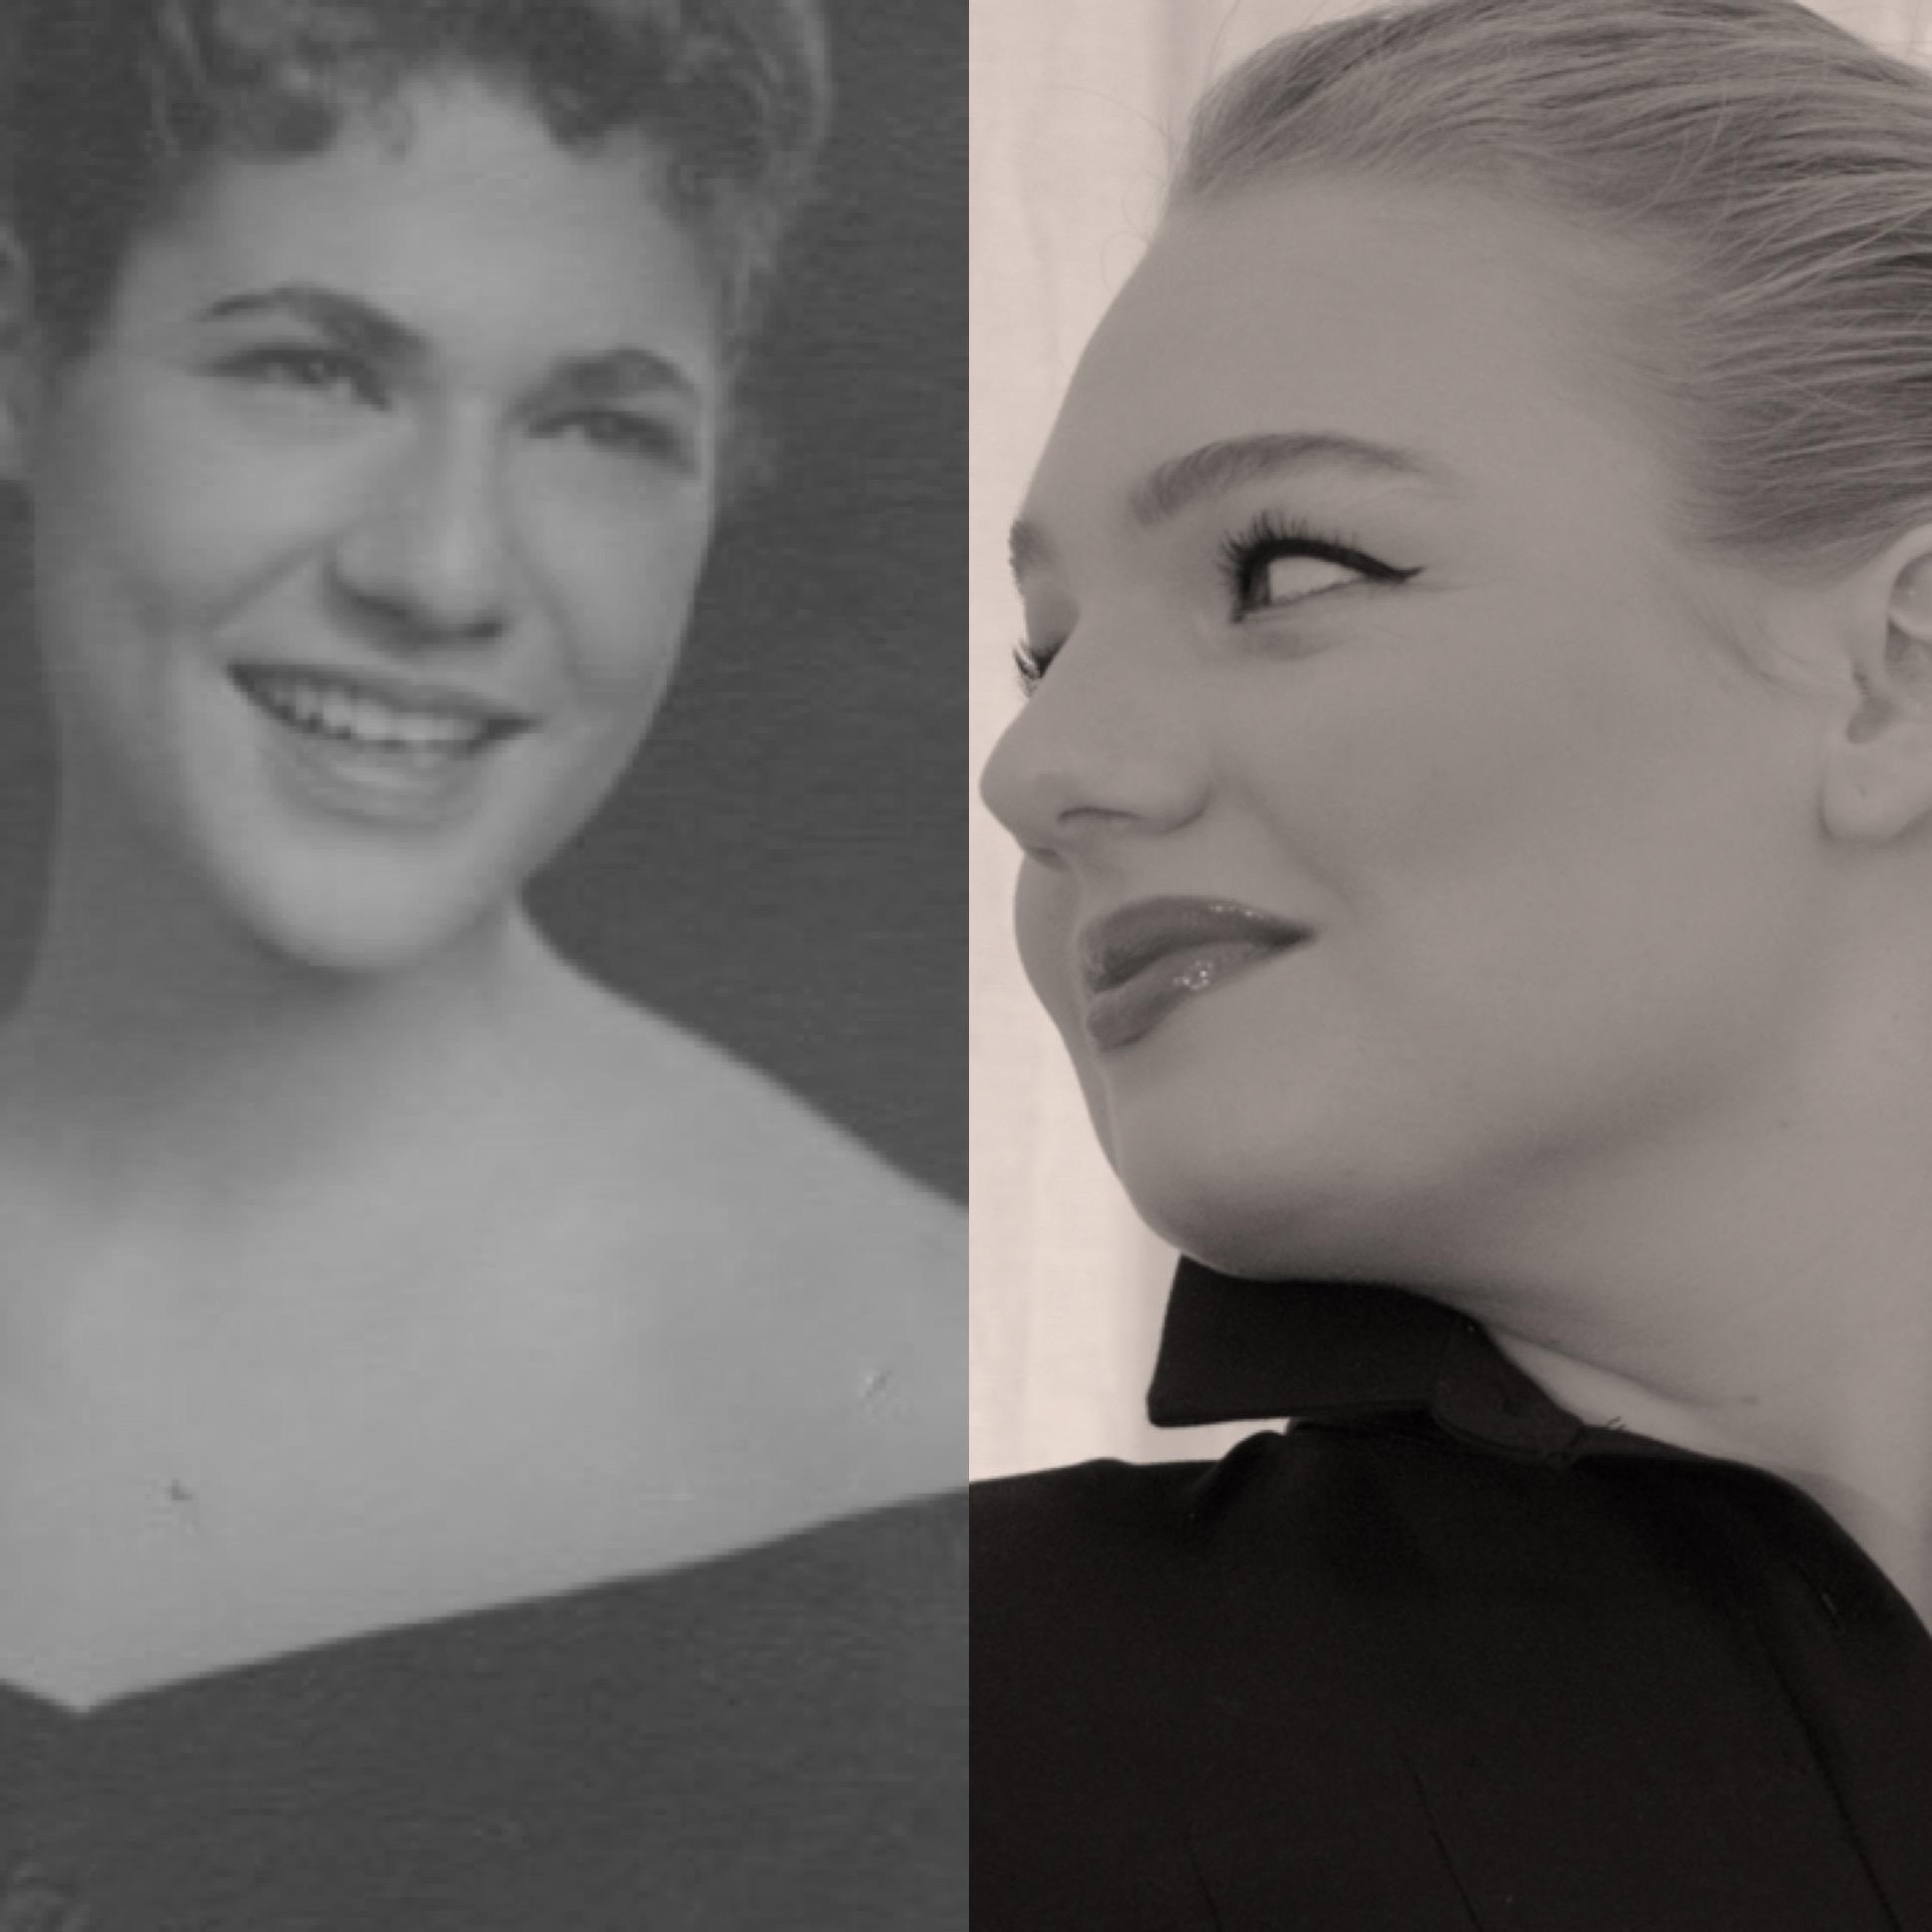 When Sally (age 22) met Sophie (age 22). Susan (not 22) is in between.